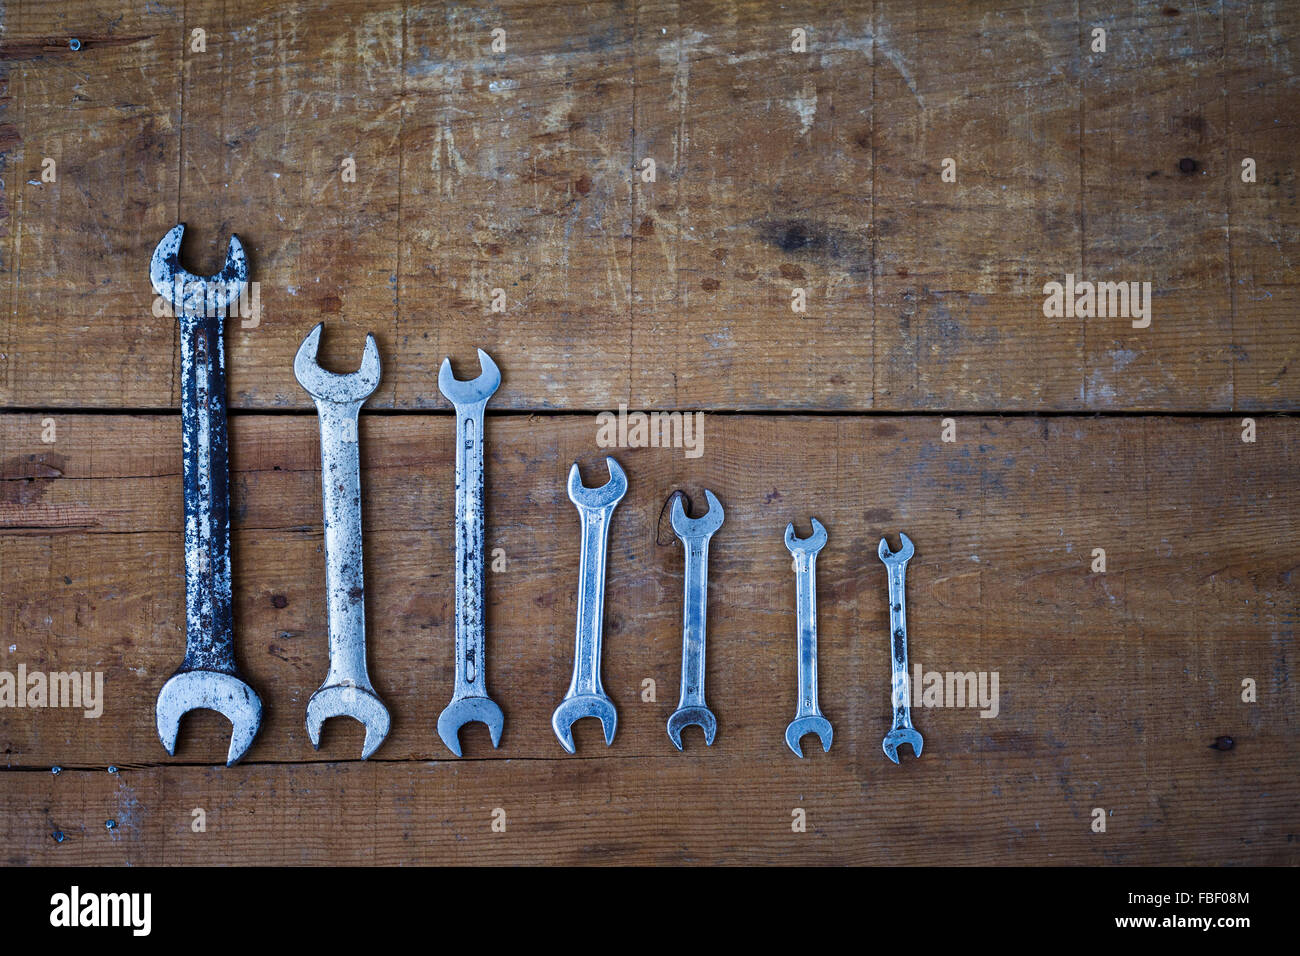 Tourné directement au-dessus de différentes clés sur table en bois Photo Stock